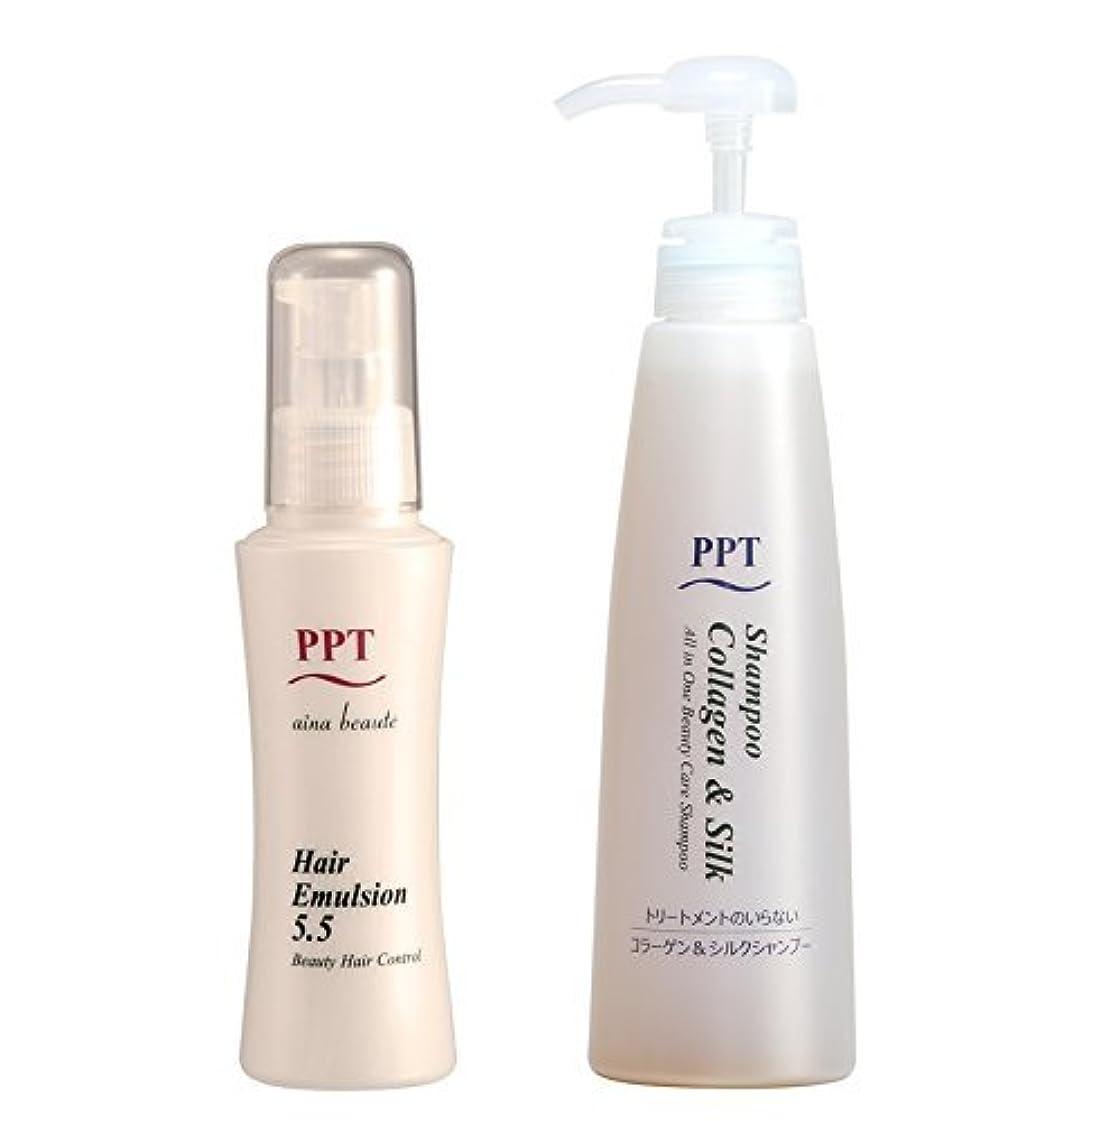 さようなら分割限りPPTコラーゲン&シルクシャンプー脂性肌~普通肌用(ふんわり)、PPTヘアエマルジョン5.5セット